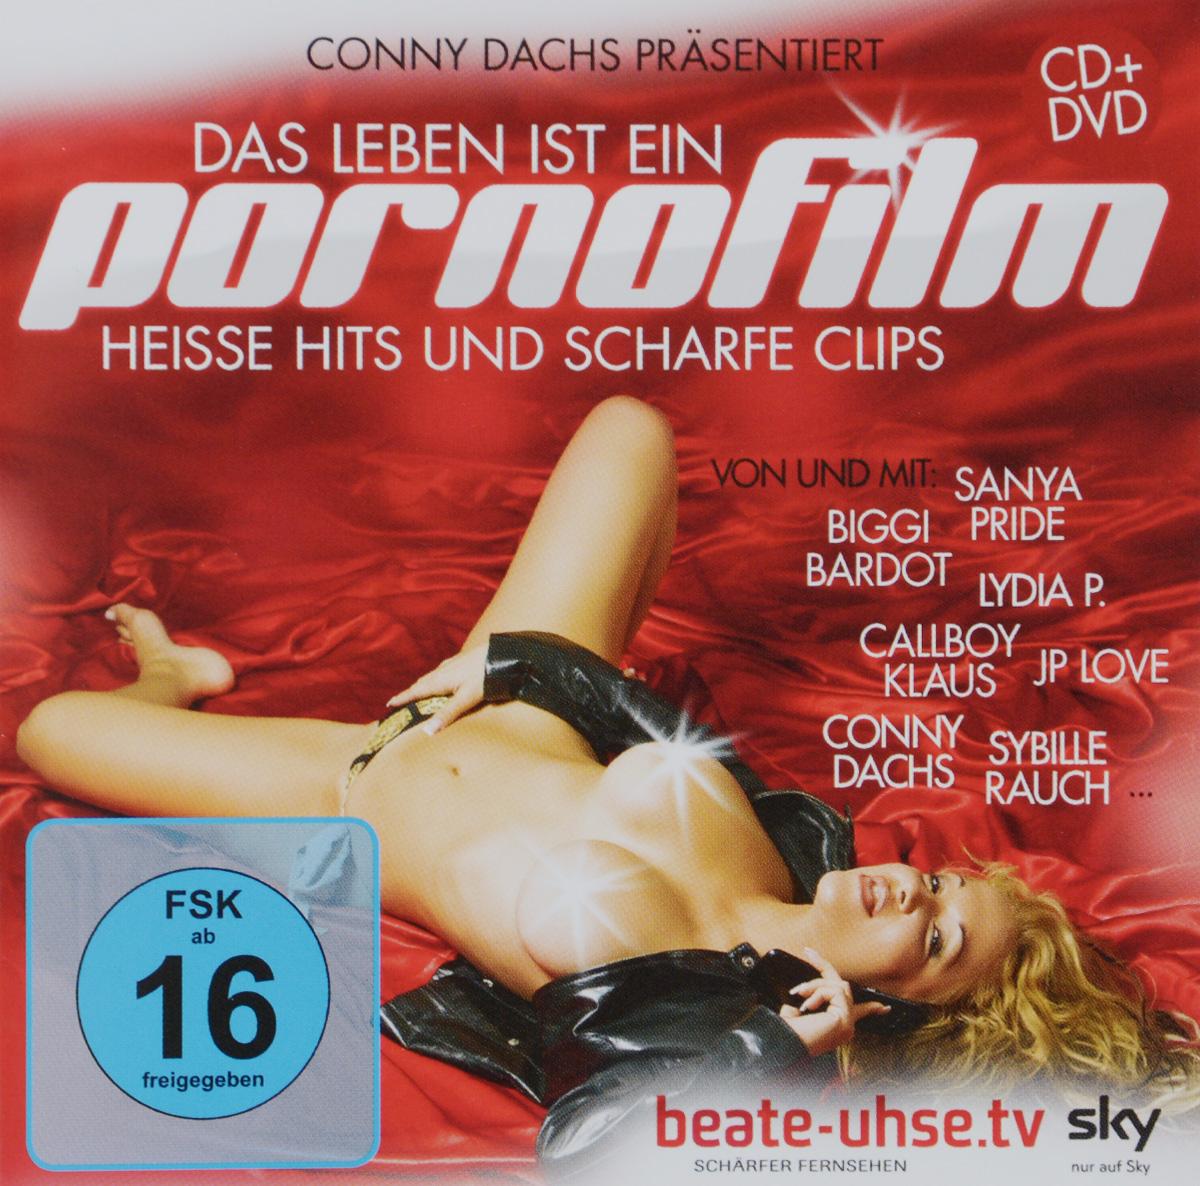 Конни Дэкс Das Leben Ist Ein Pornofilm (CD + DVD) ingeborg benda das leben ist ein geheimnis